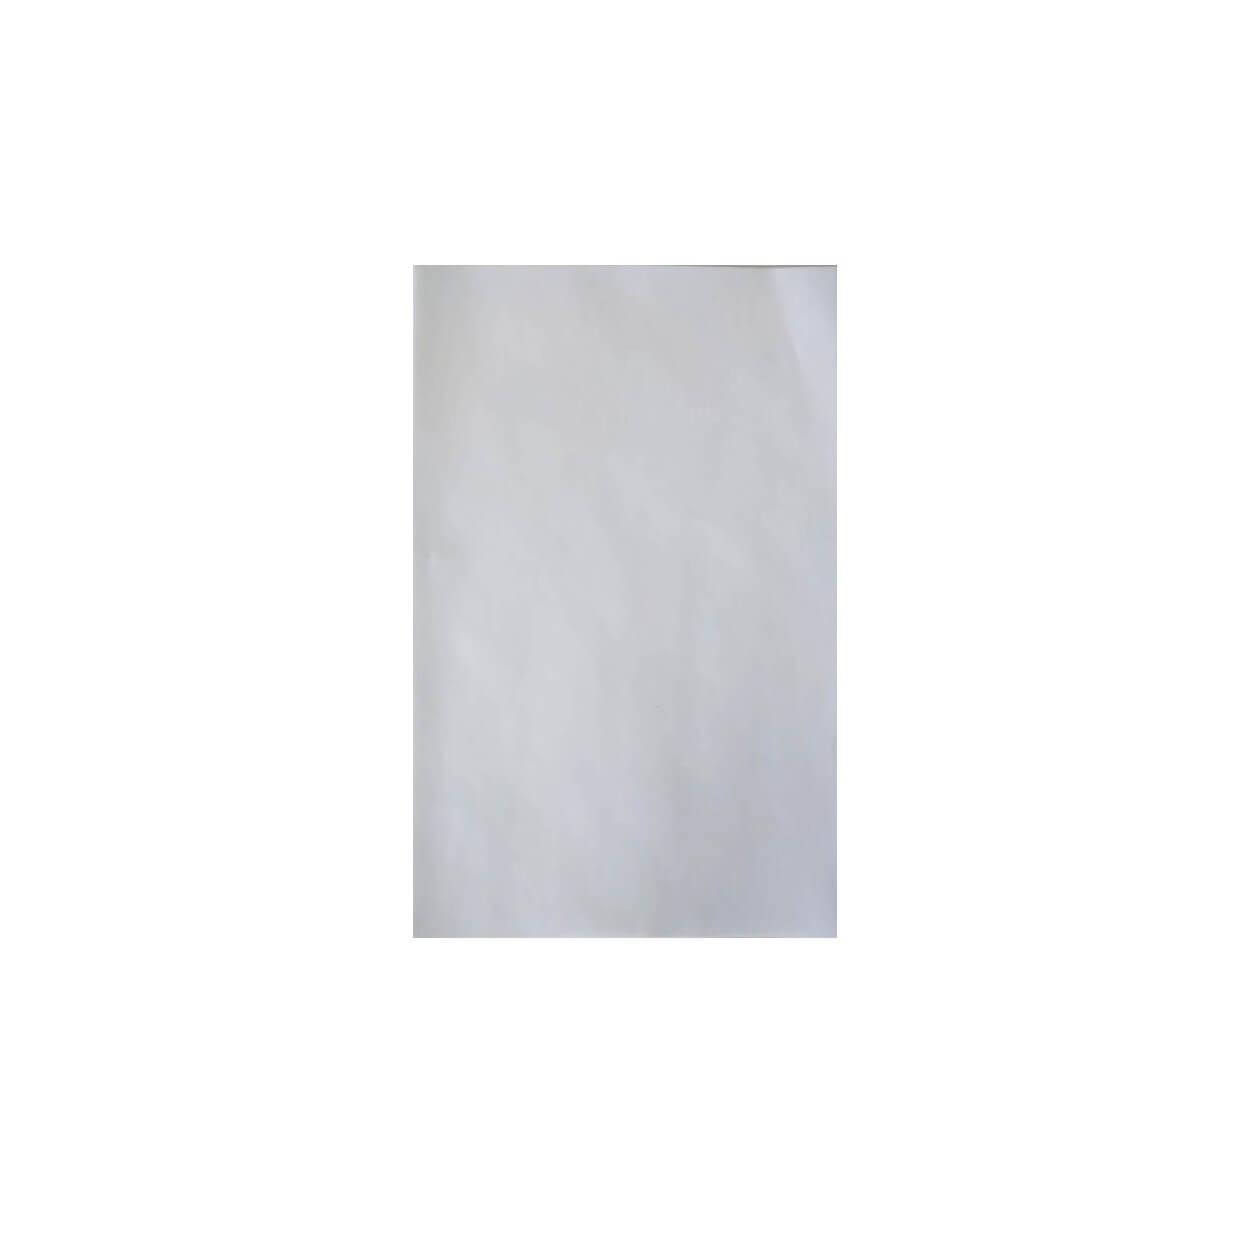 ΧΑΡΤΙ 17,5×27 ΑΤΥΠ PROOF 10kgr